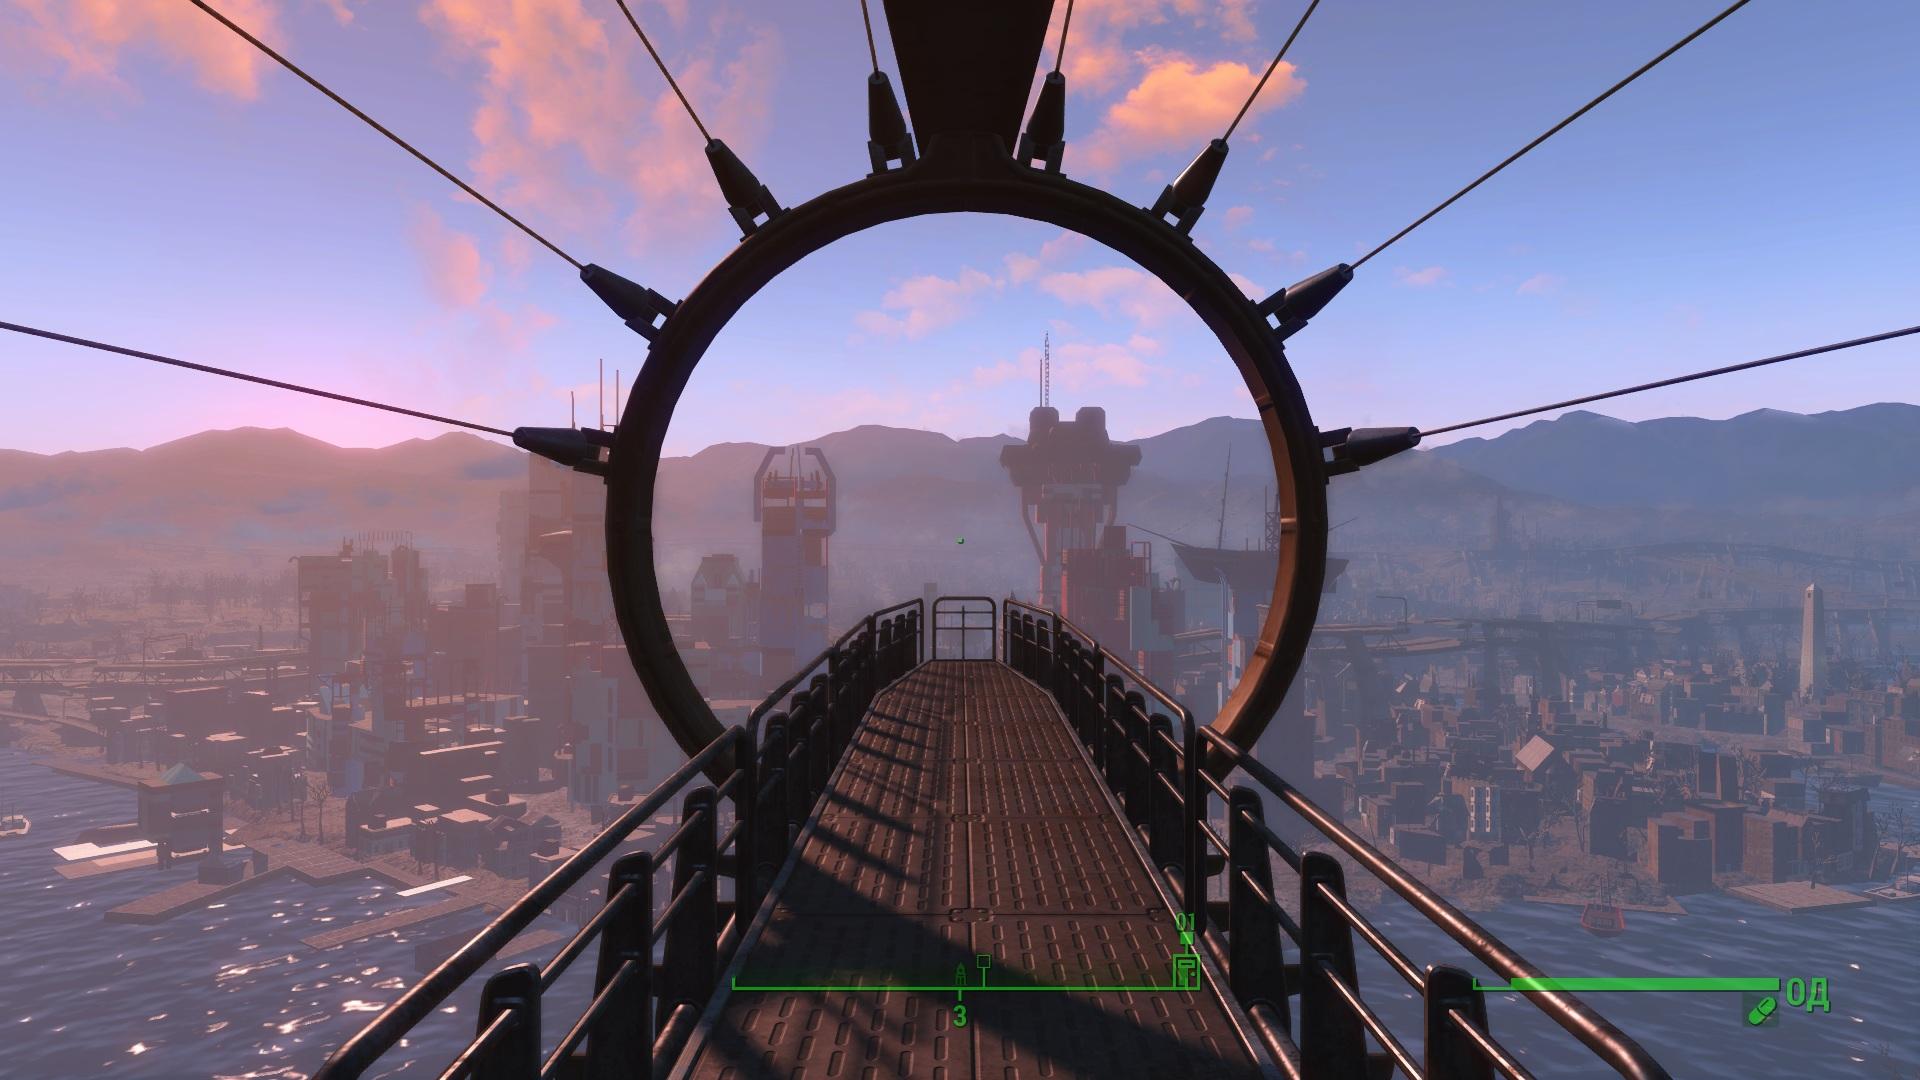 Выхожу я на кубрик Придвена и вижу... - Fallout 4 кубрик, Придвен, хороший обзор, ящик с оружием